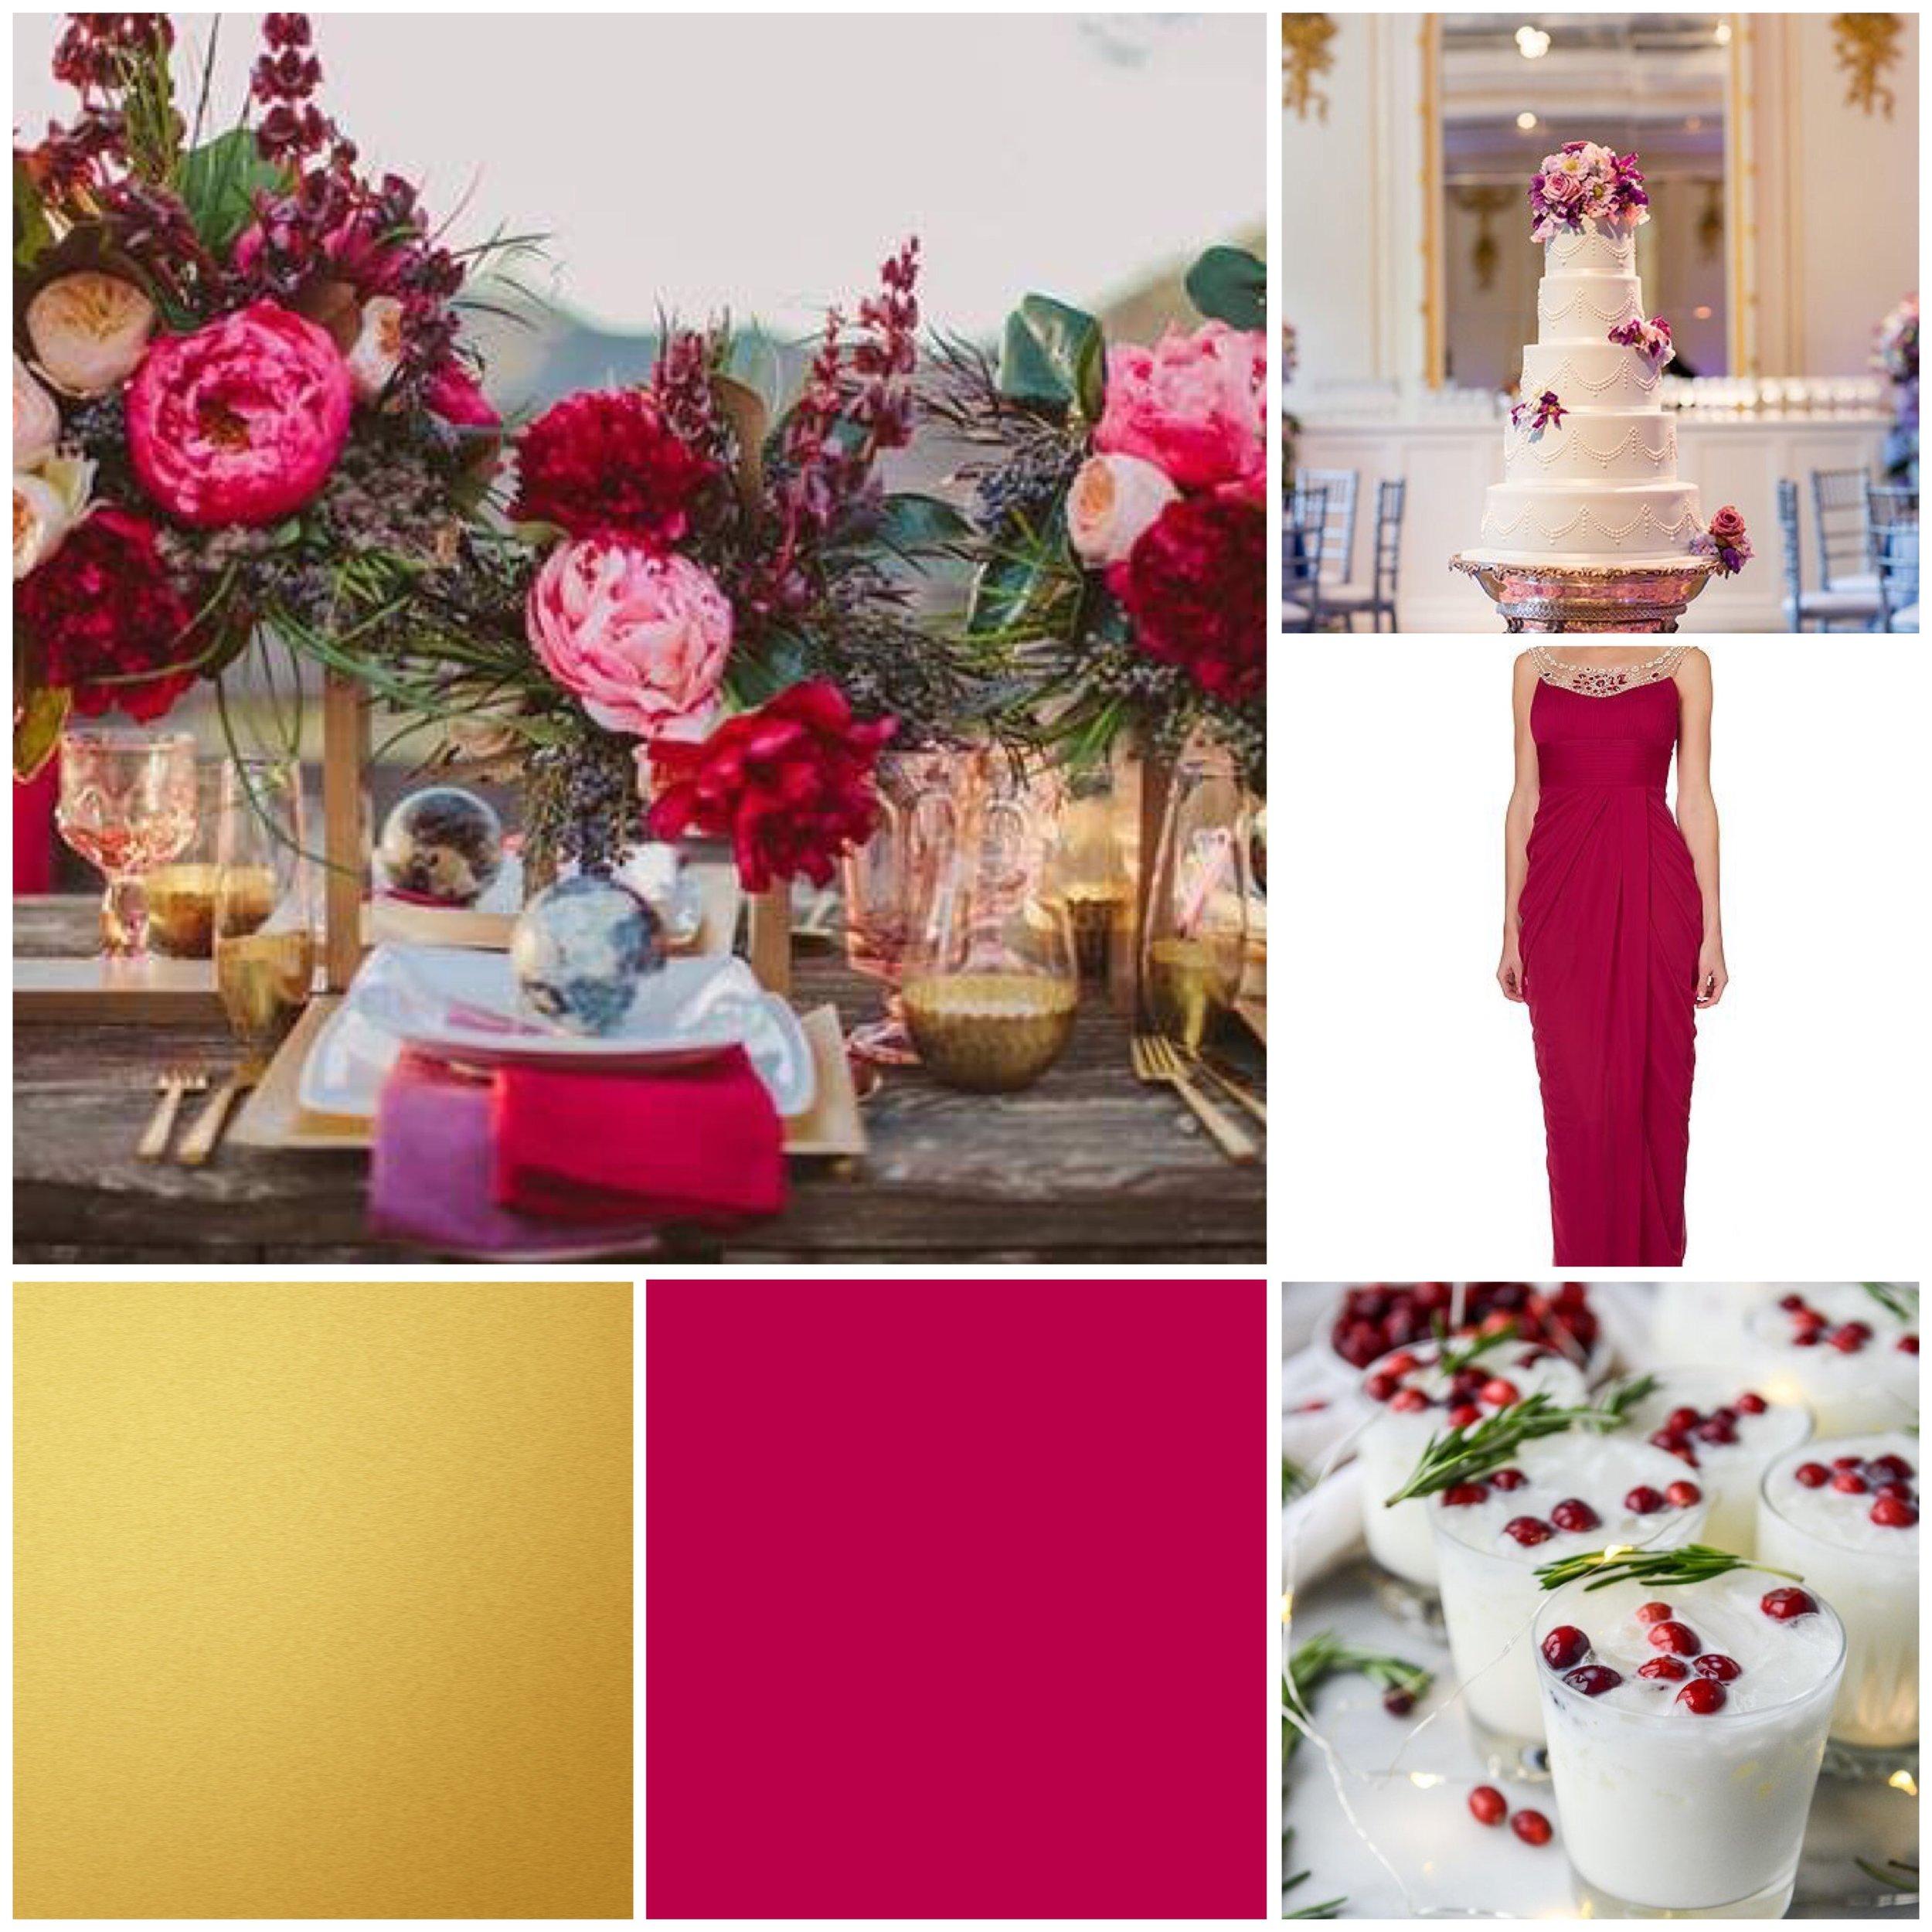 cranberry wedding moodboard for a wedding